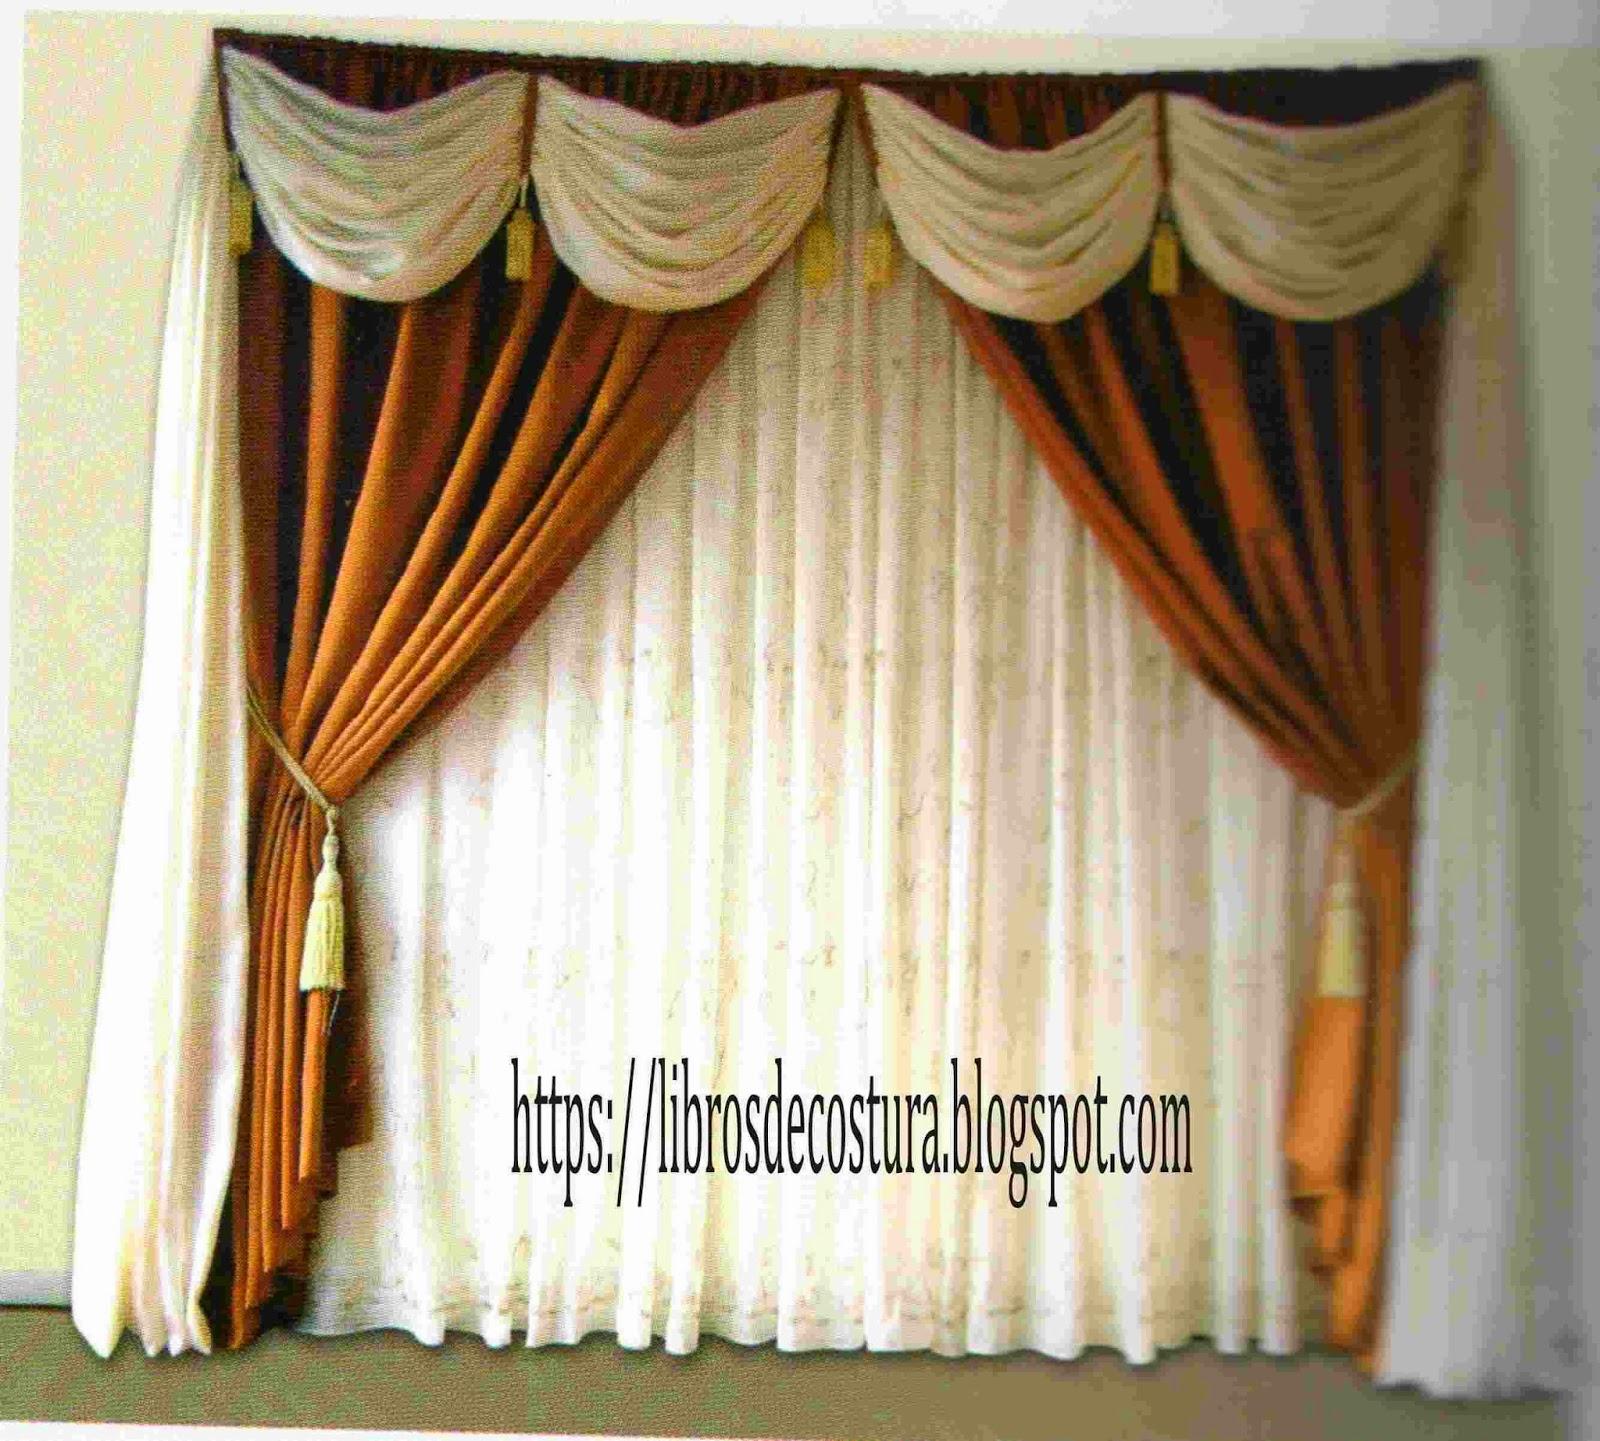 Libros de costura como hacer cortinas paso a paso for Modelos de cortinas modernas